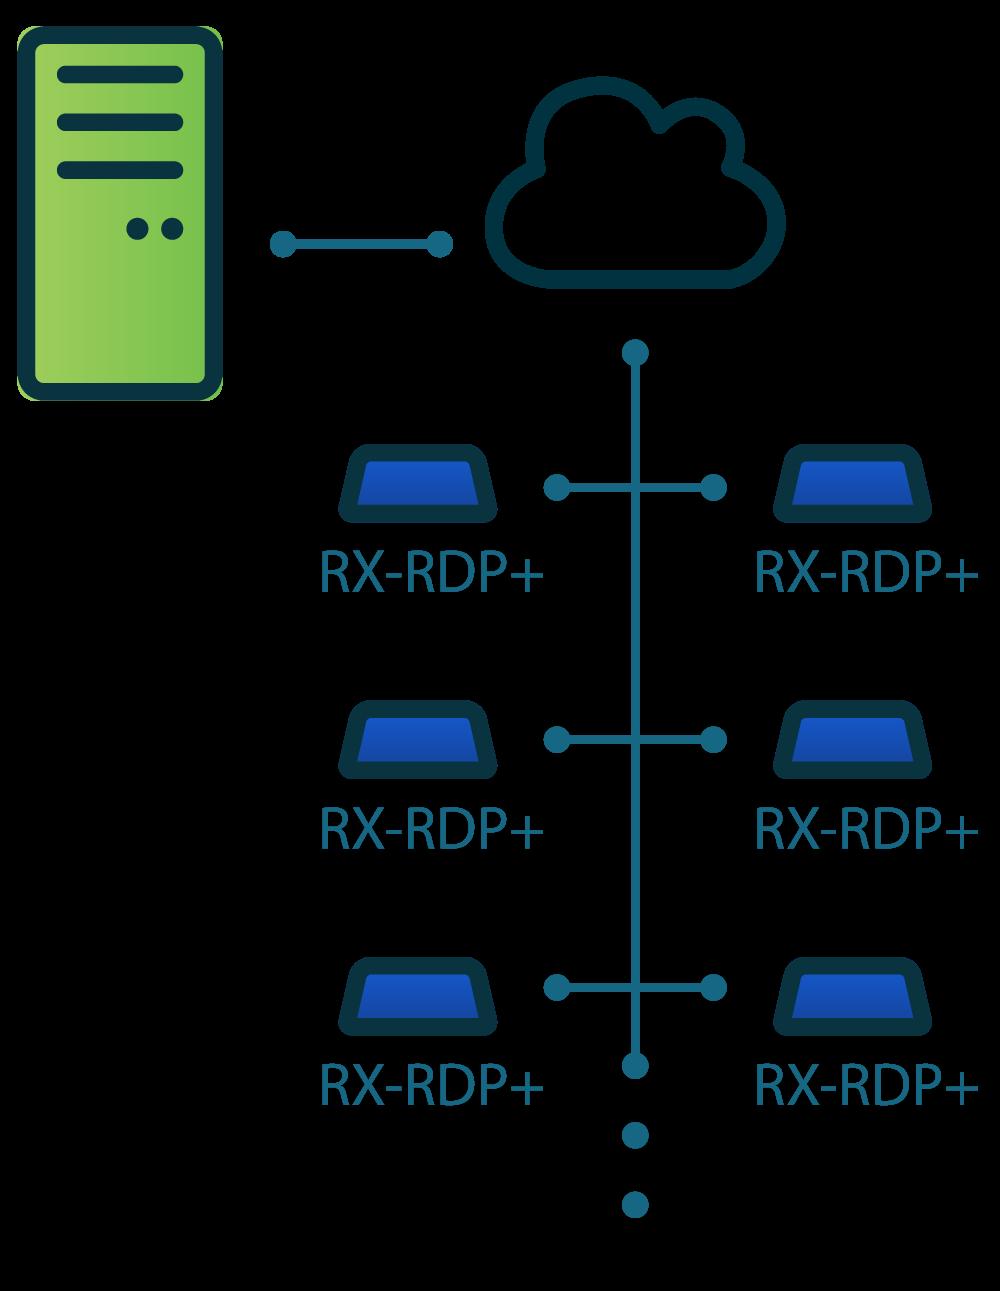 RX-RDP+ architecture